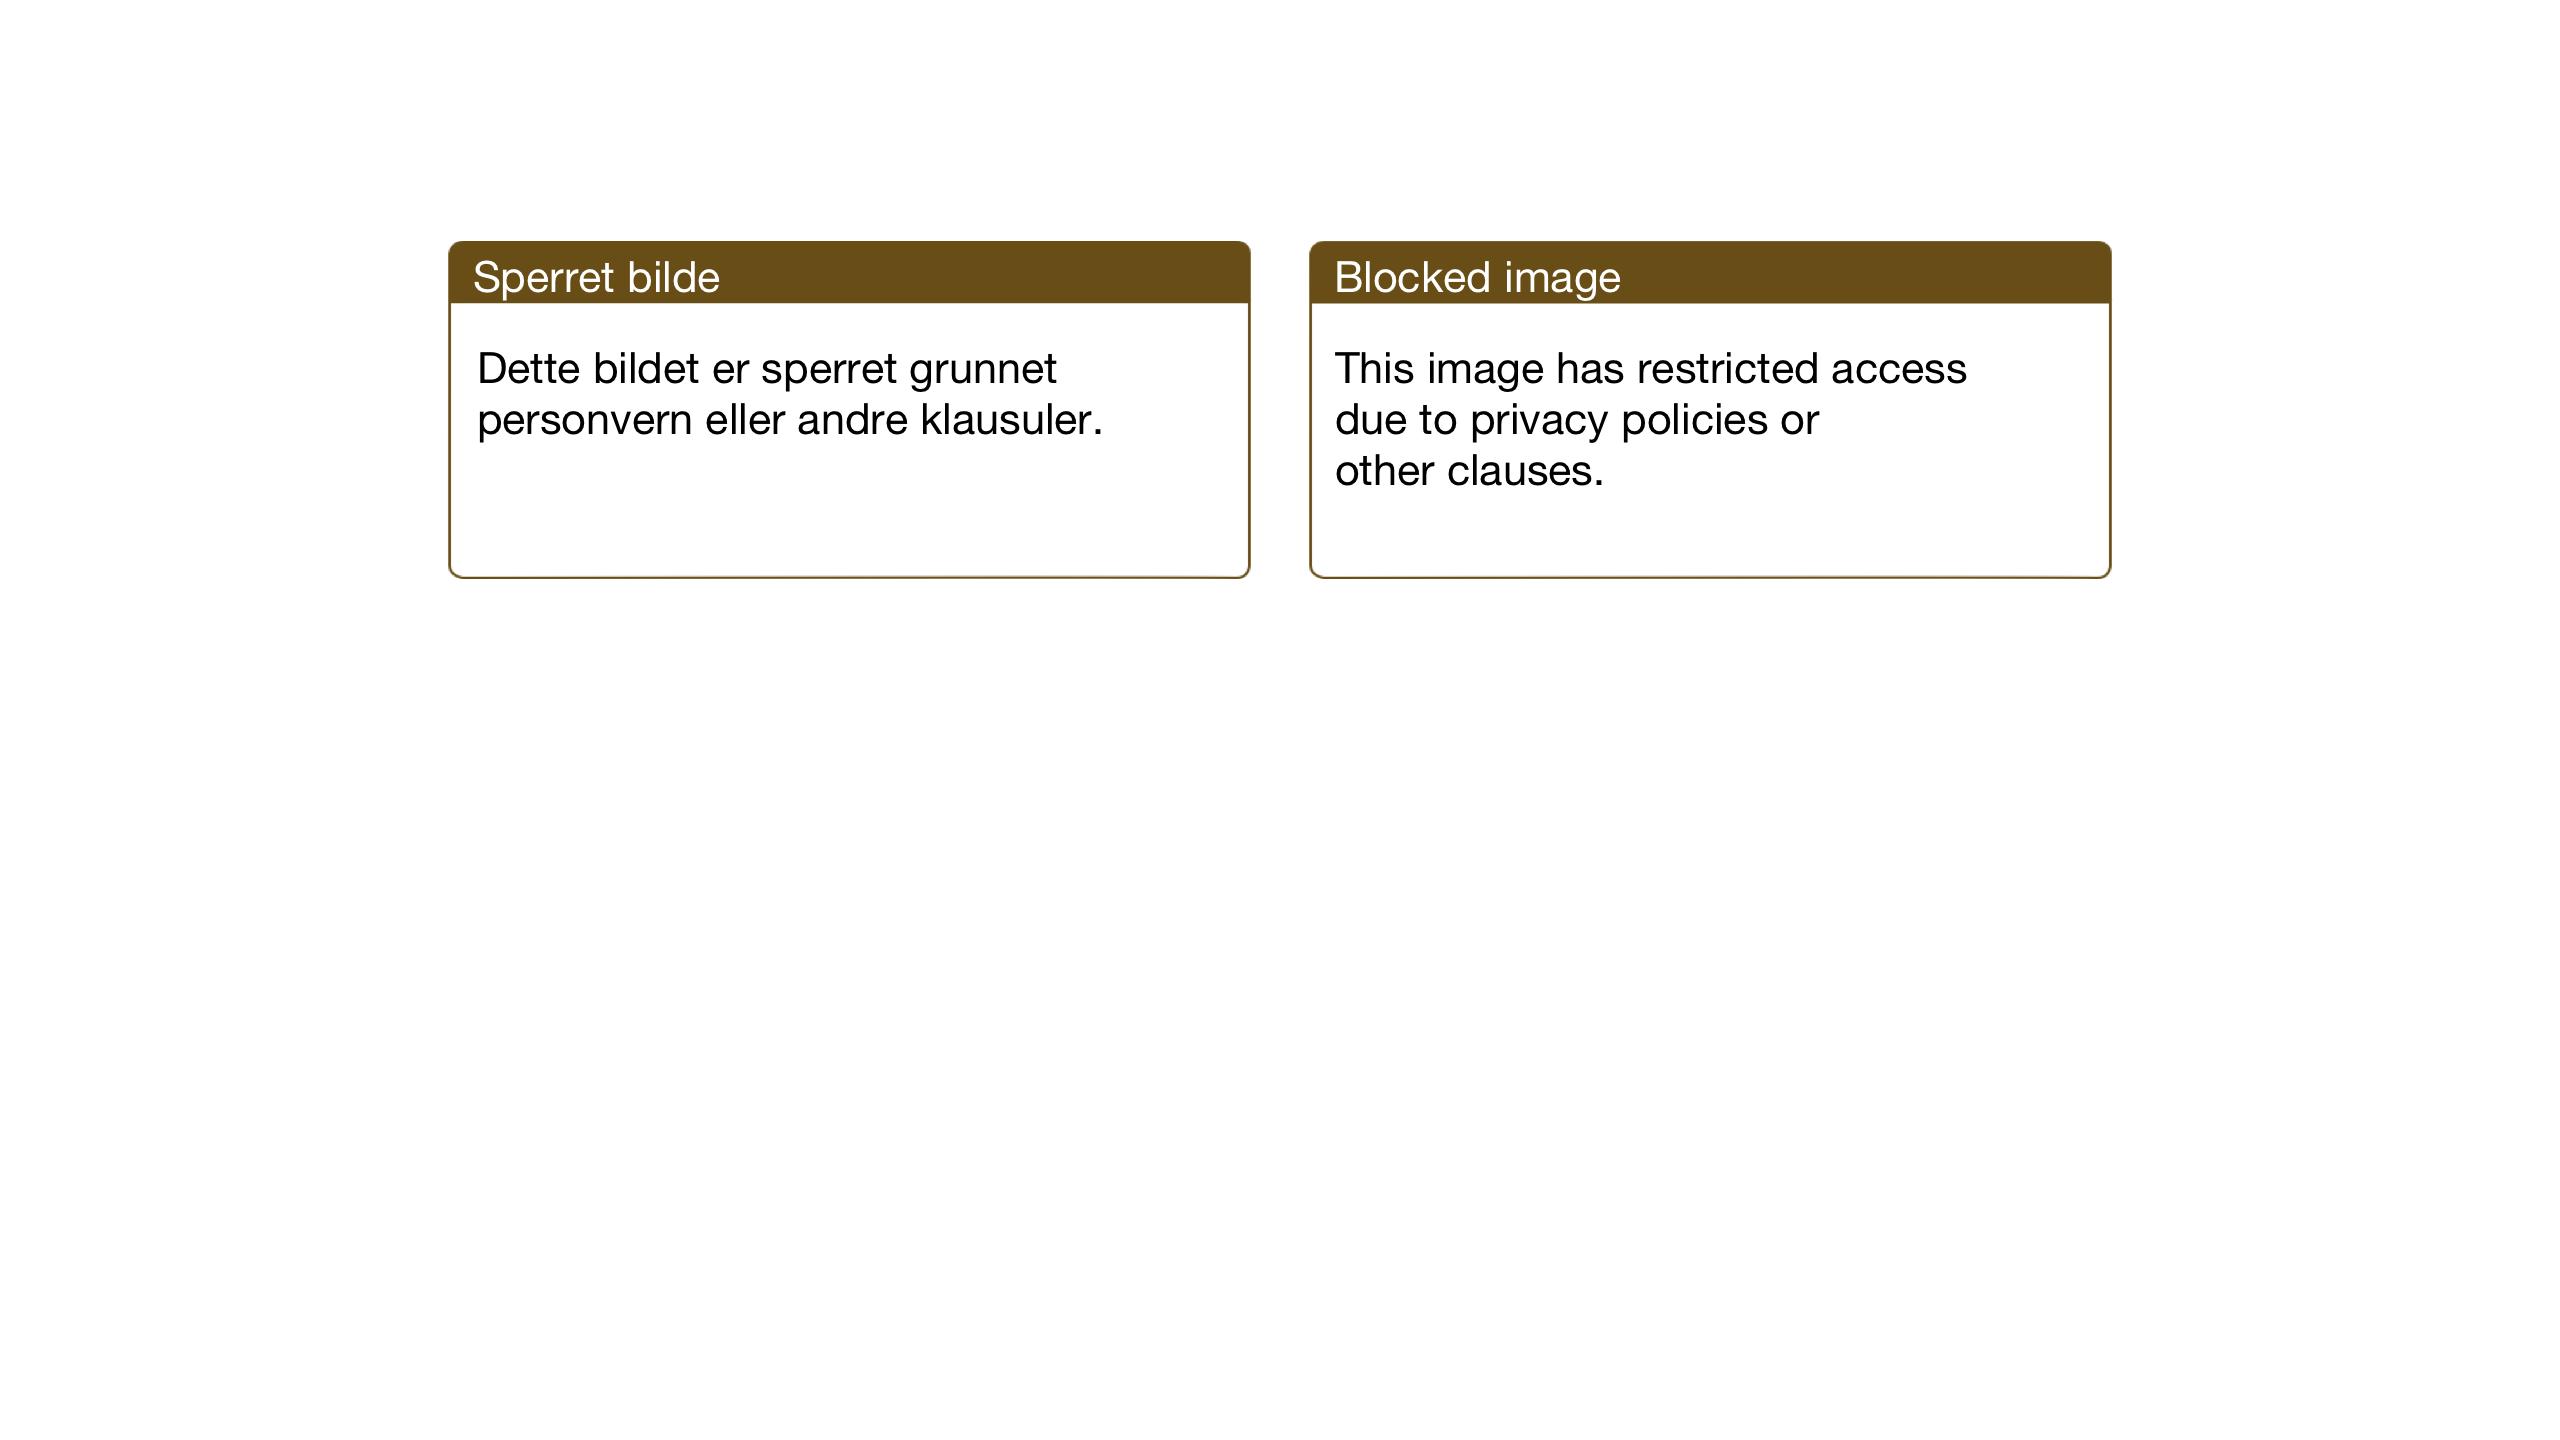 SAT, Ministerialprotokoller, klokkerbøker og fødselsregistre - Sør-Trøndelag, 669/L0832: Klokkerbok nr. 669C02, 1925-1953, s. 144